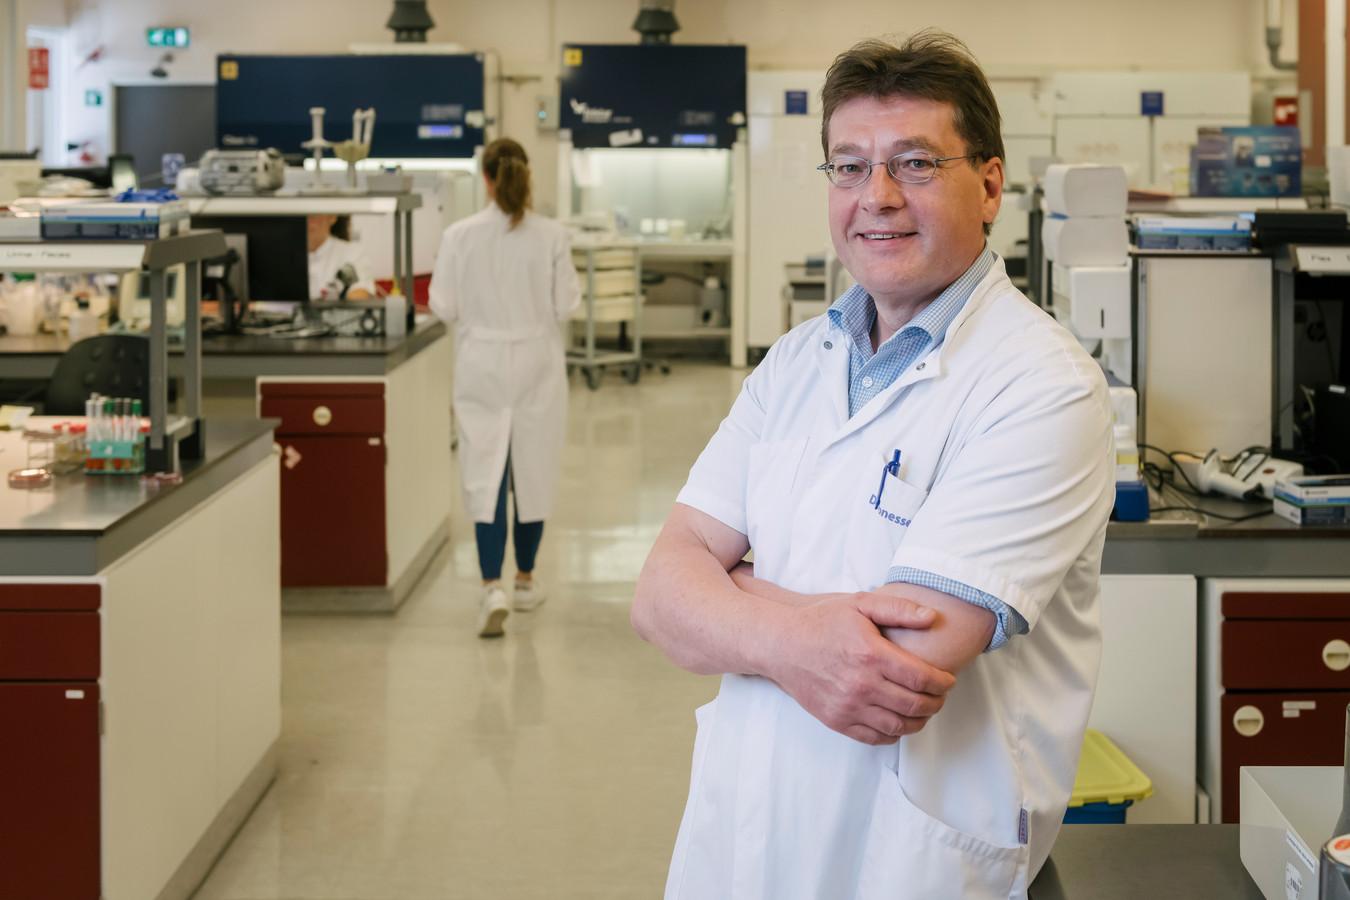 Arts-microbioloog Steven Thijsen is lid van het Landelijk Coördinatieteam Diagnostische Keten (LCDK) en werkt aan het in orde maken van de mogelijkheid om vanaf 1 juni veel meer te kunnen testen.